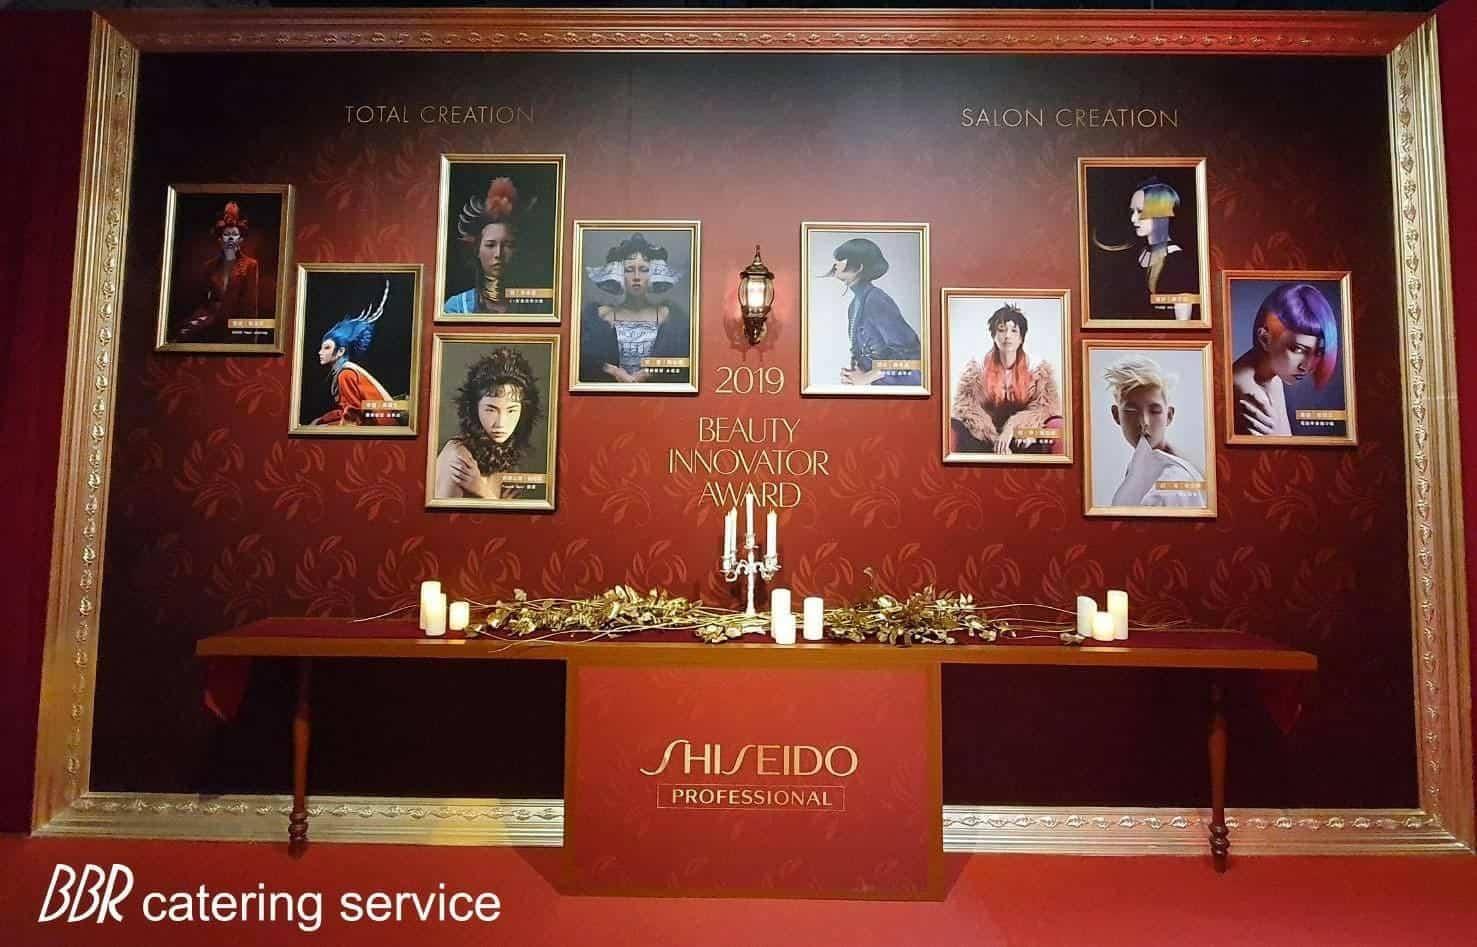 圖五、法國當代配合美妝保養品牌SHSEIDO活動主軸,完美重現18世紀法式宮廷風